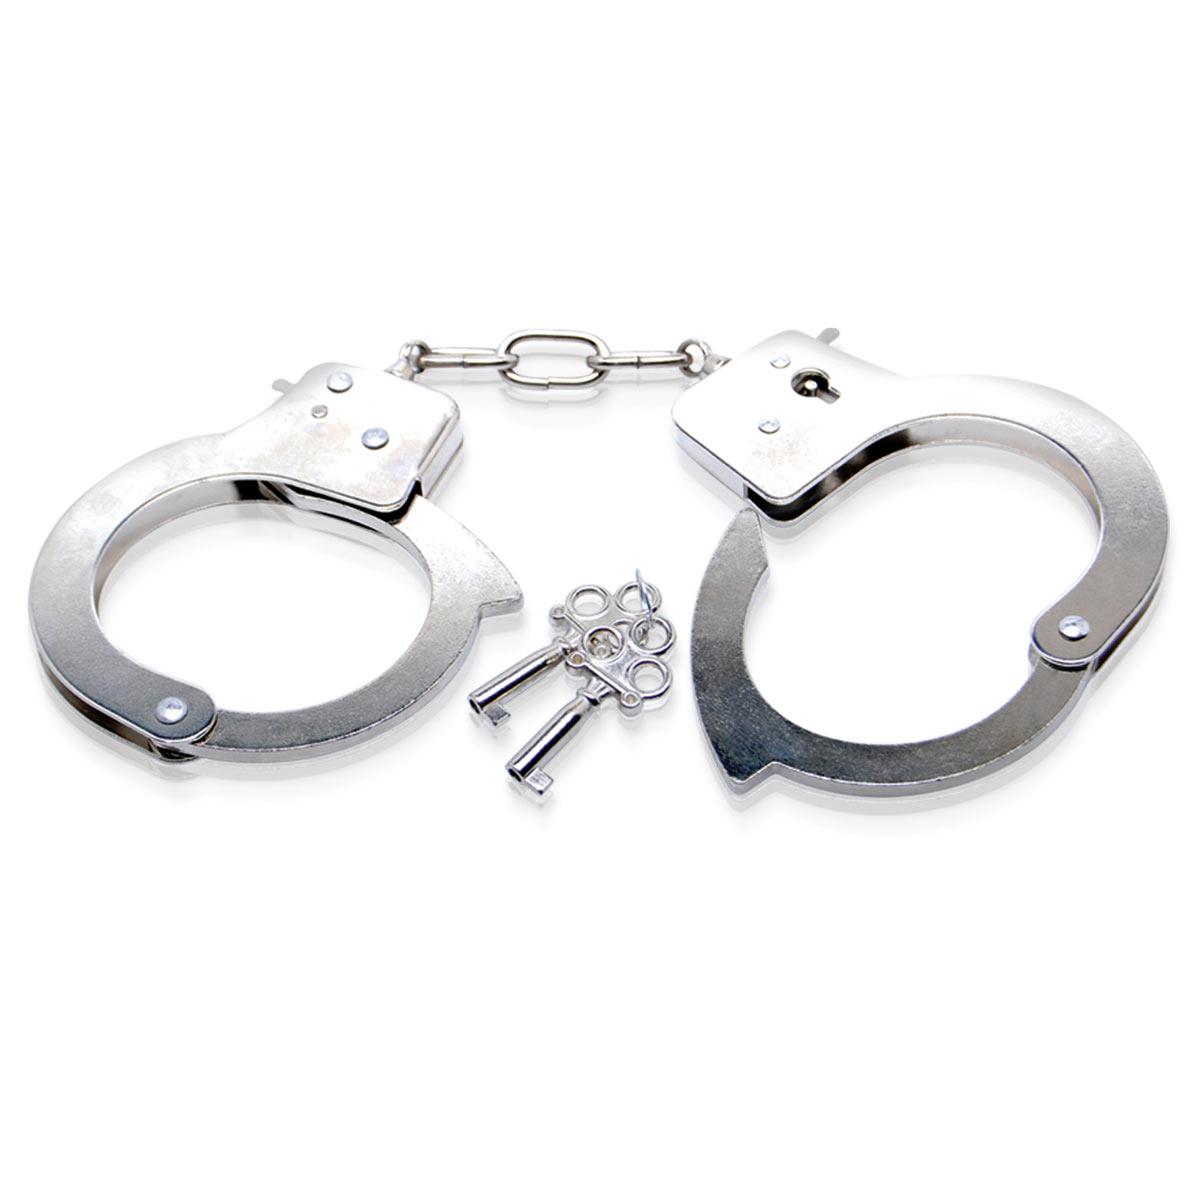 Металлические наручники Metal Handcuffs с ключиками - фото 131705